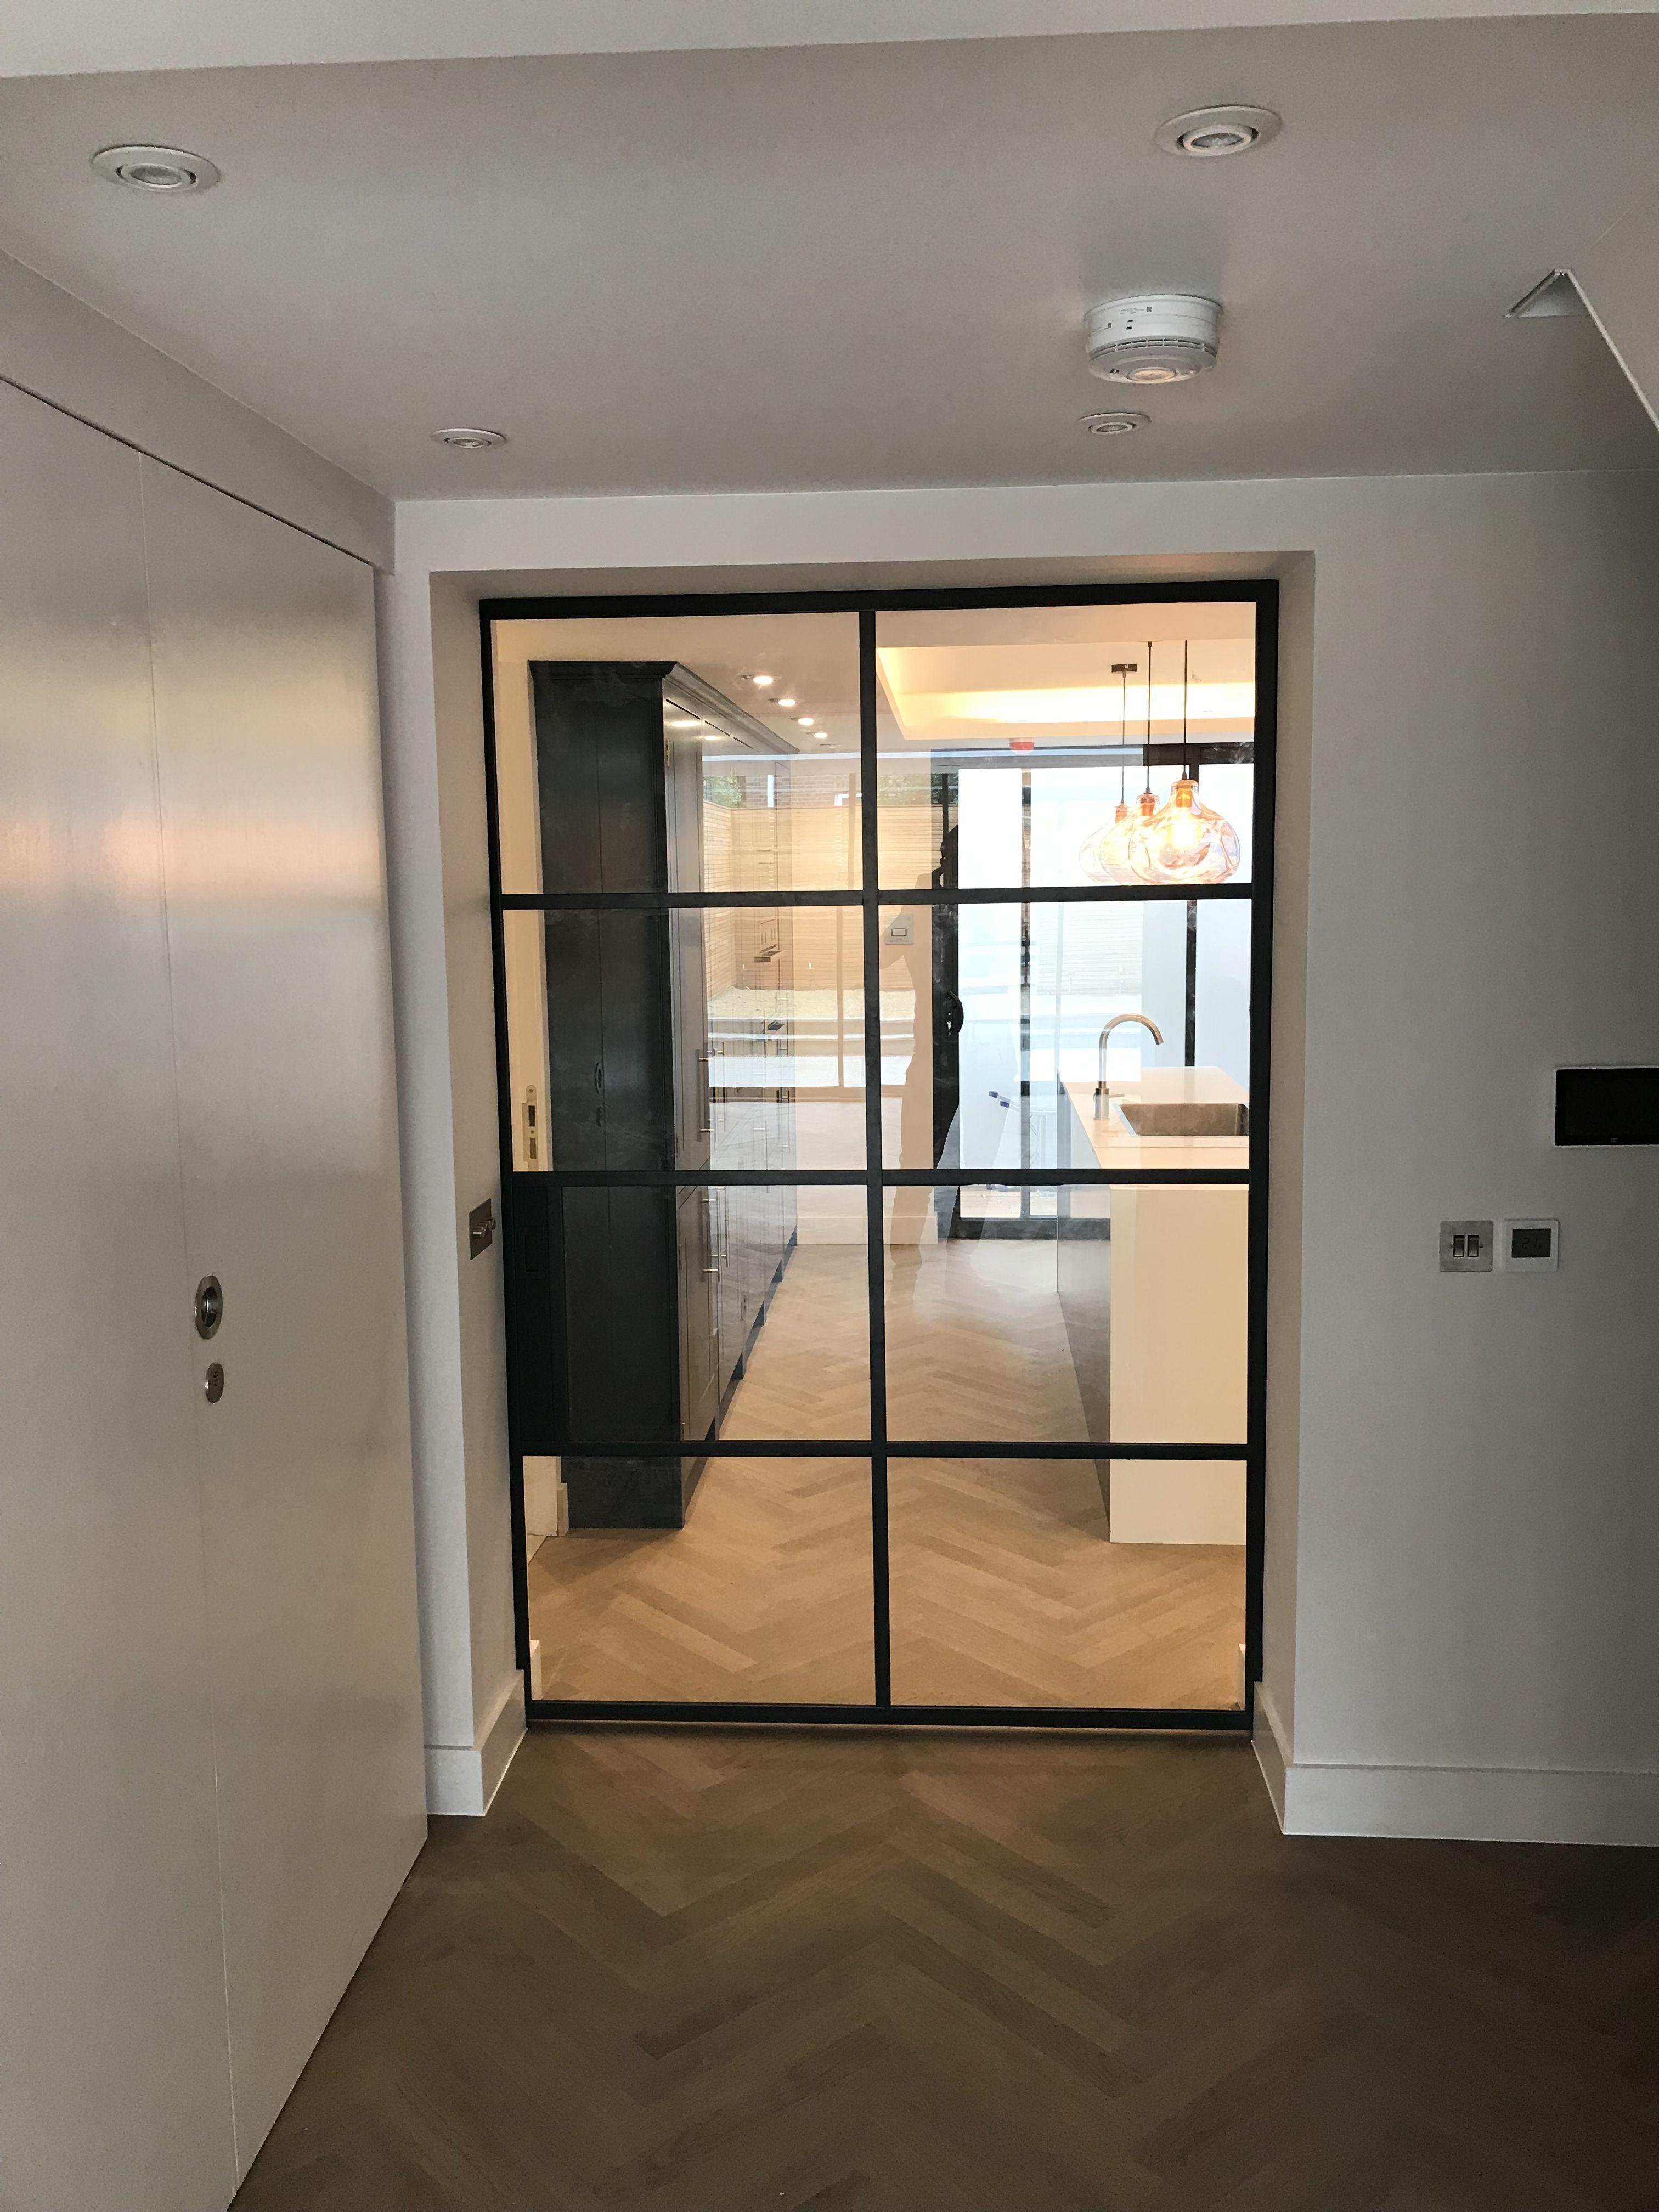 Pocket Crittall Door In Steel In 2020 Steel Windows Steel Frame Doors Windows And Doors